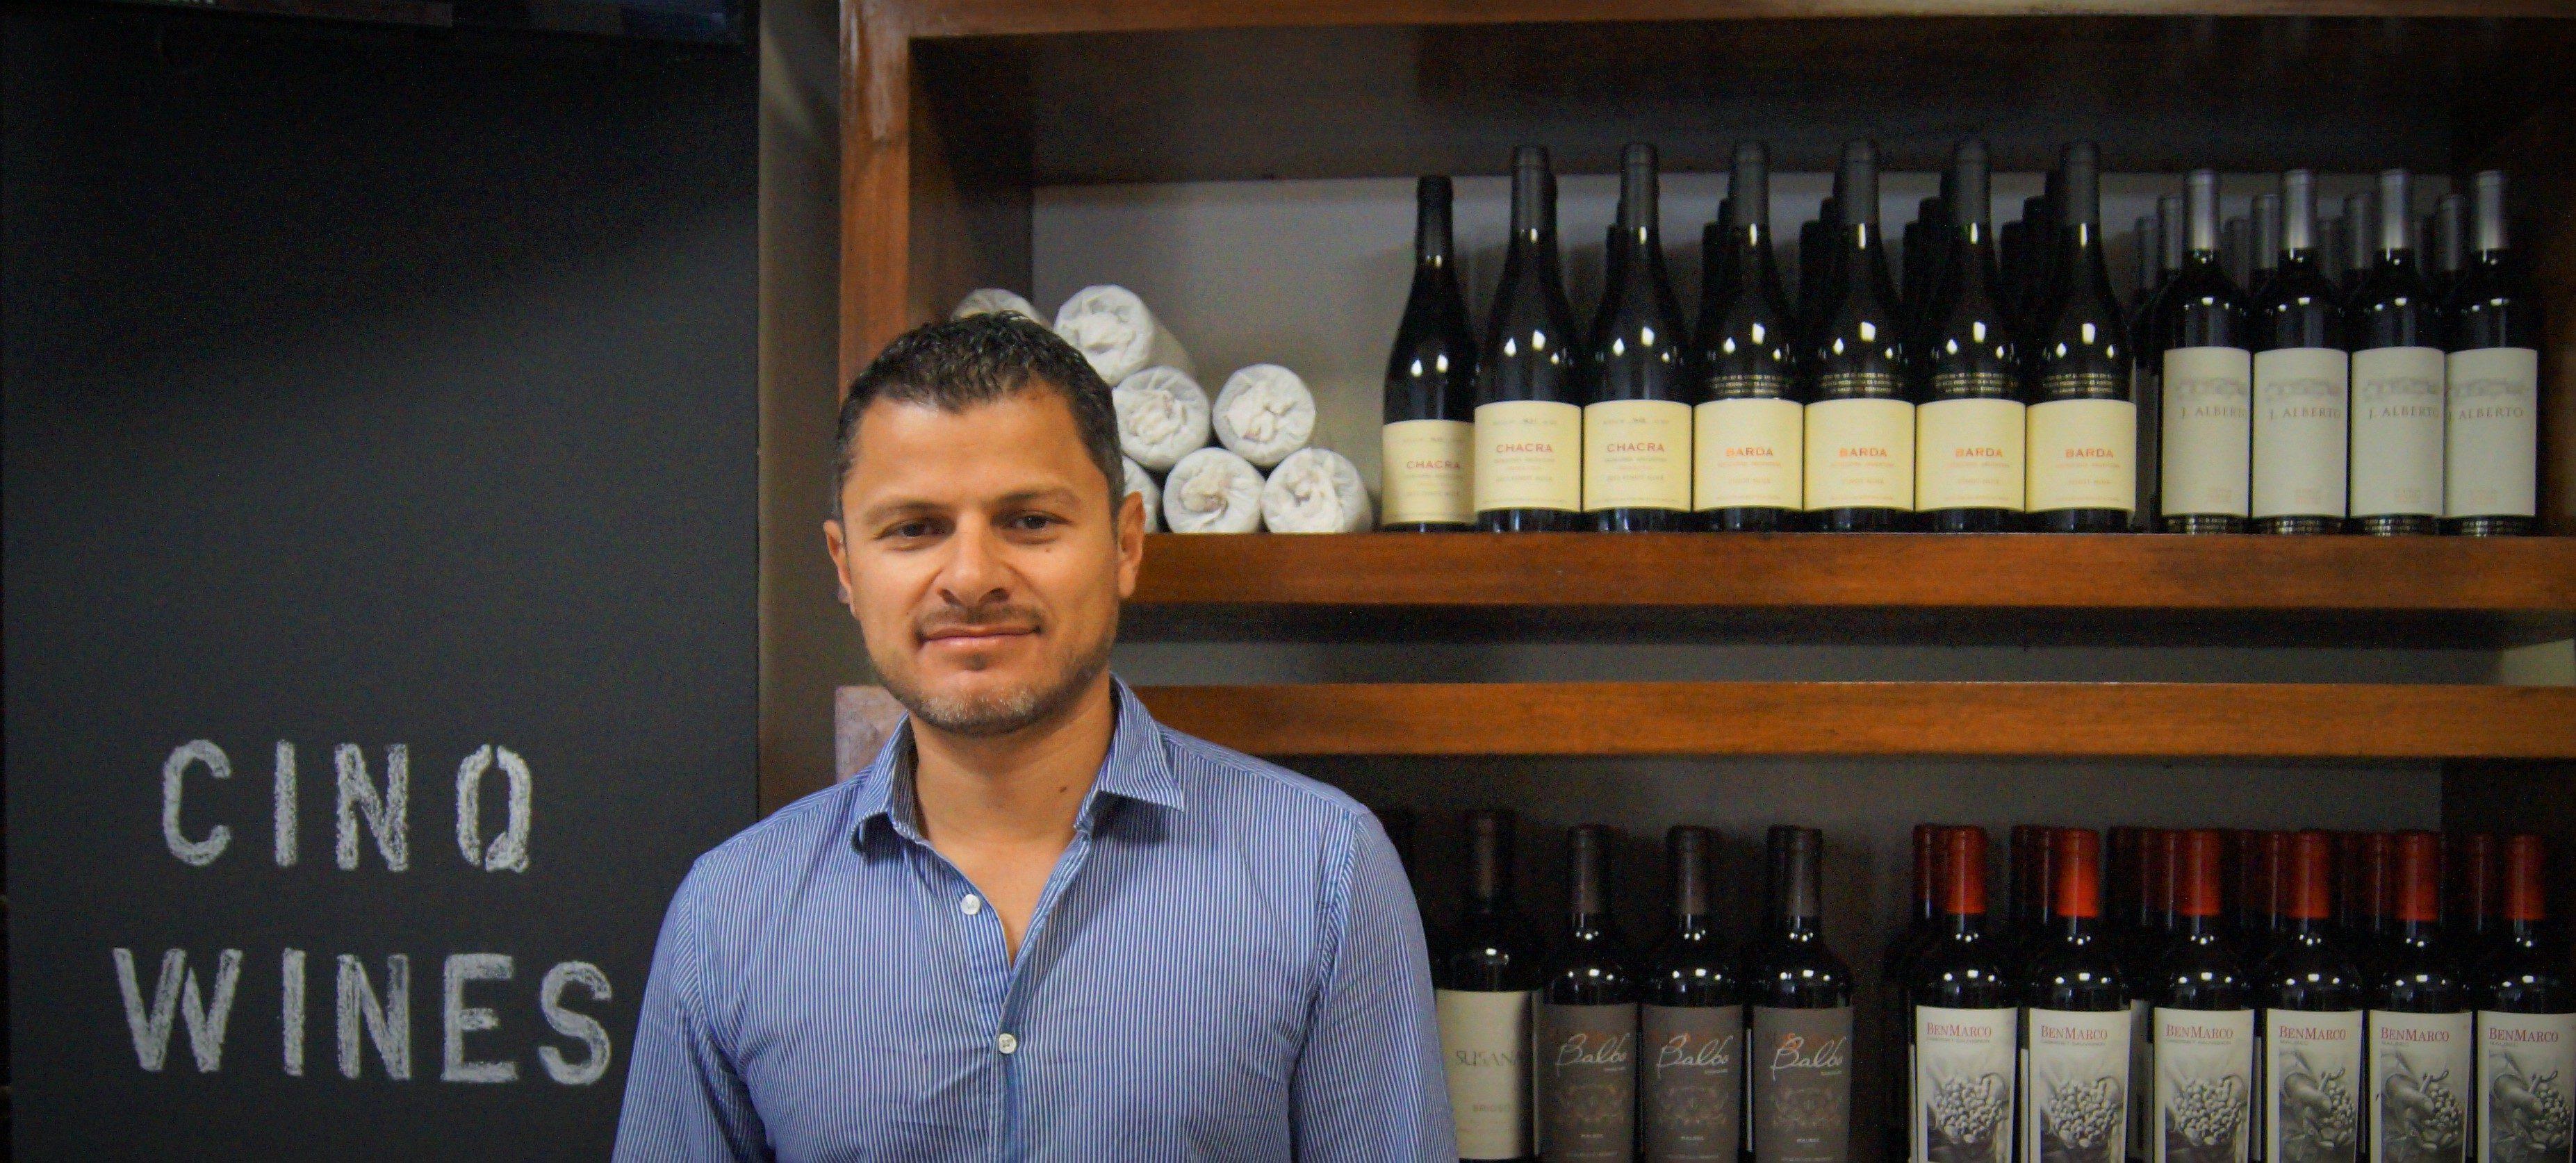 Cinq wines- vinos en Guatemala- fundador Juan Luis Gonzalez